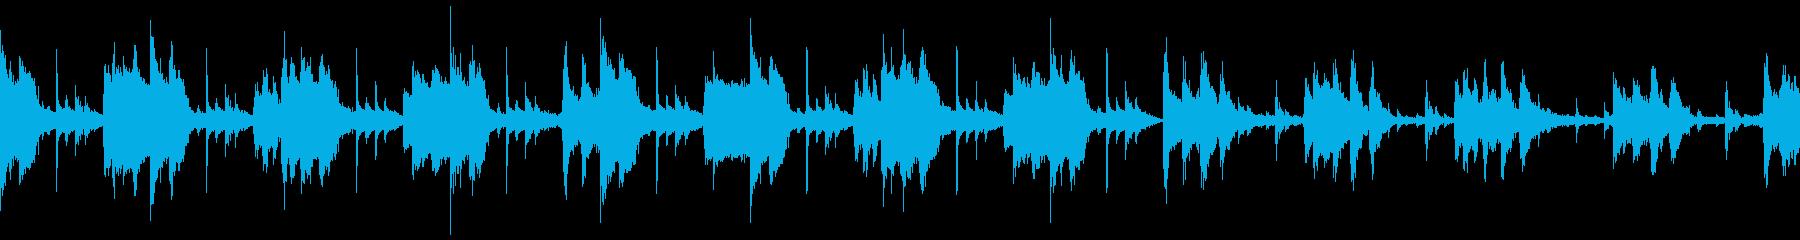 怪しいハロウィンの夜をイメージしたBGMの再生済みの波形